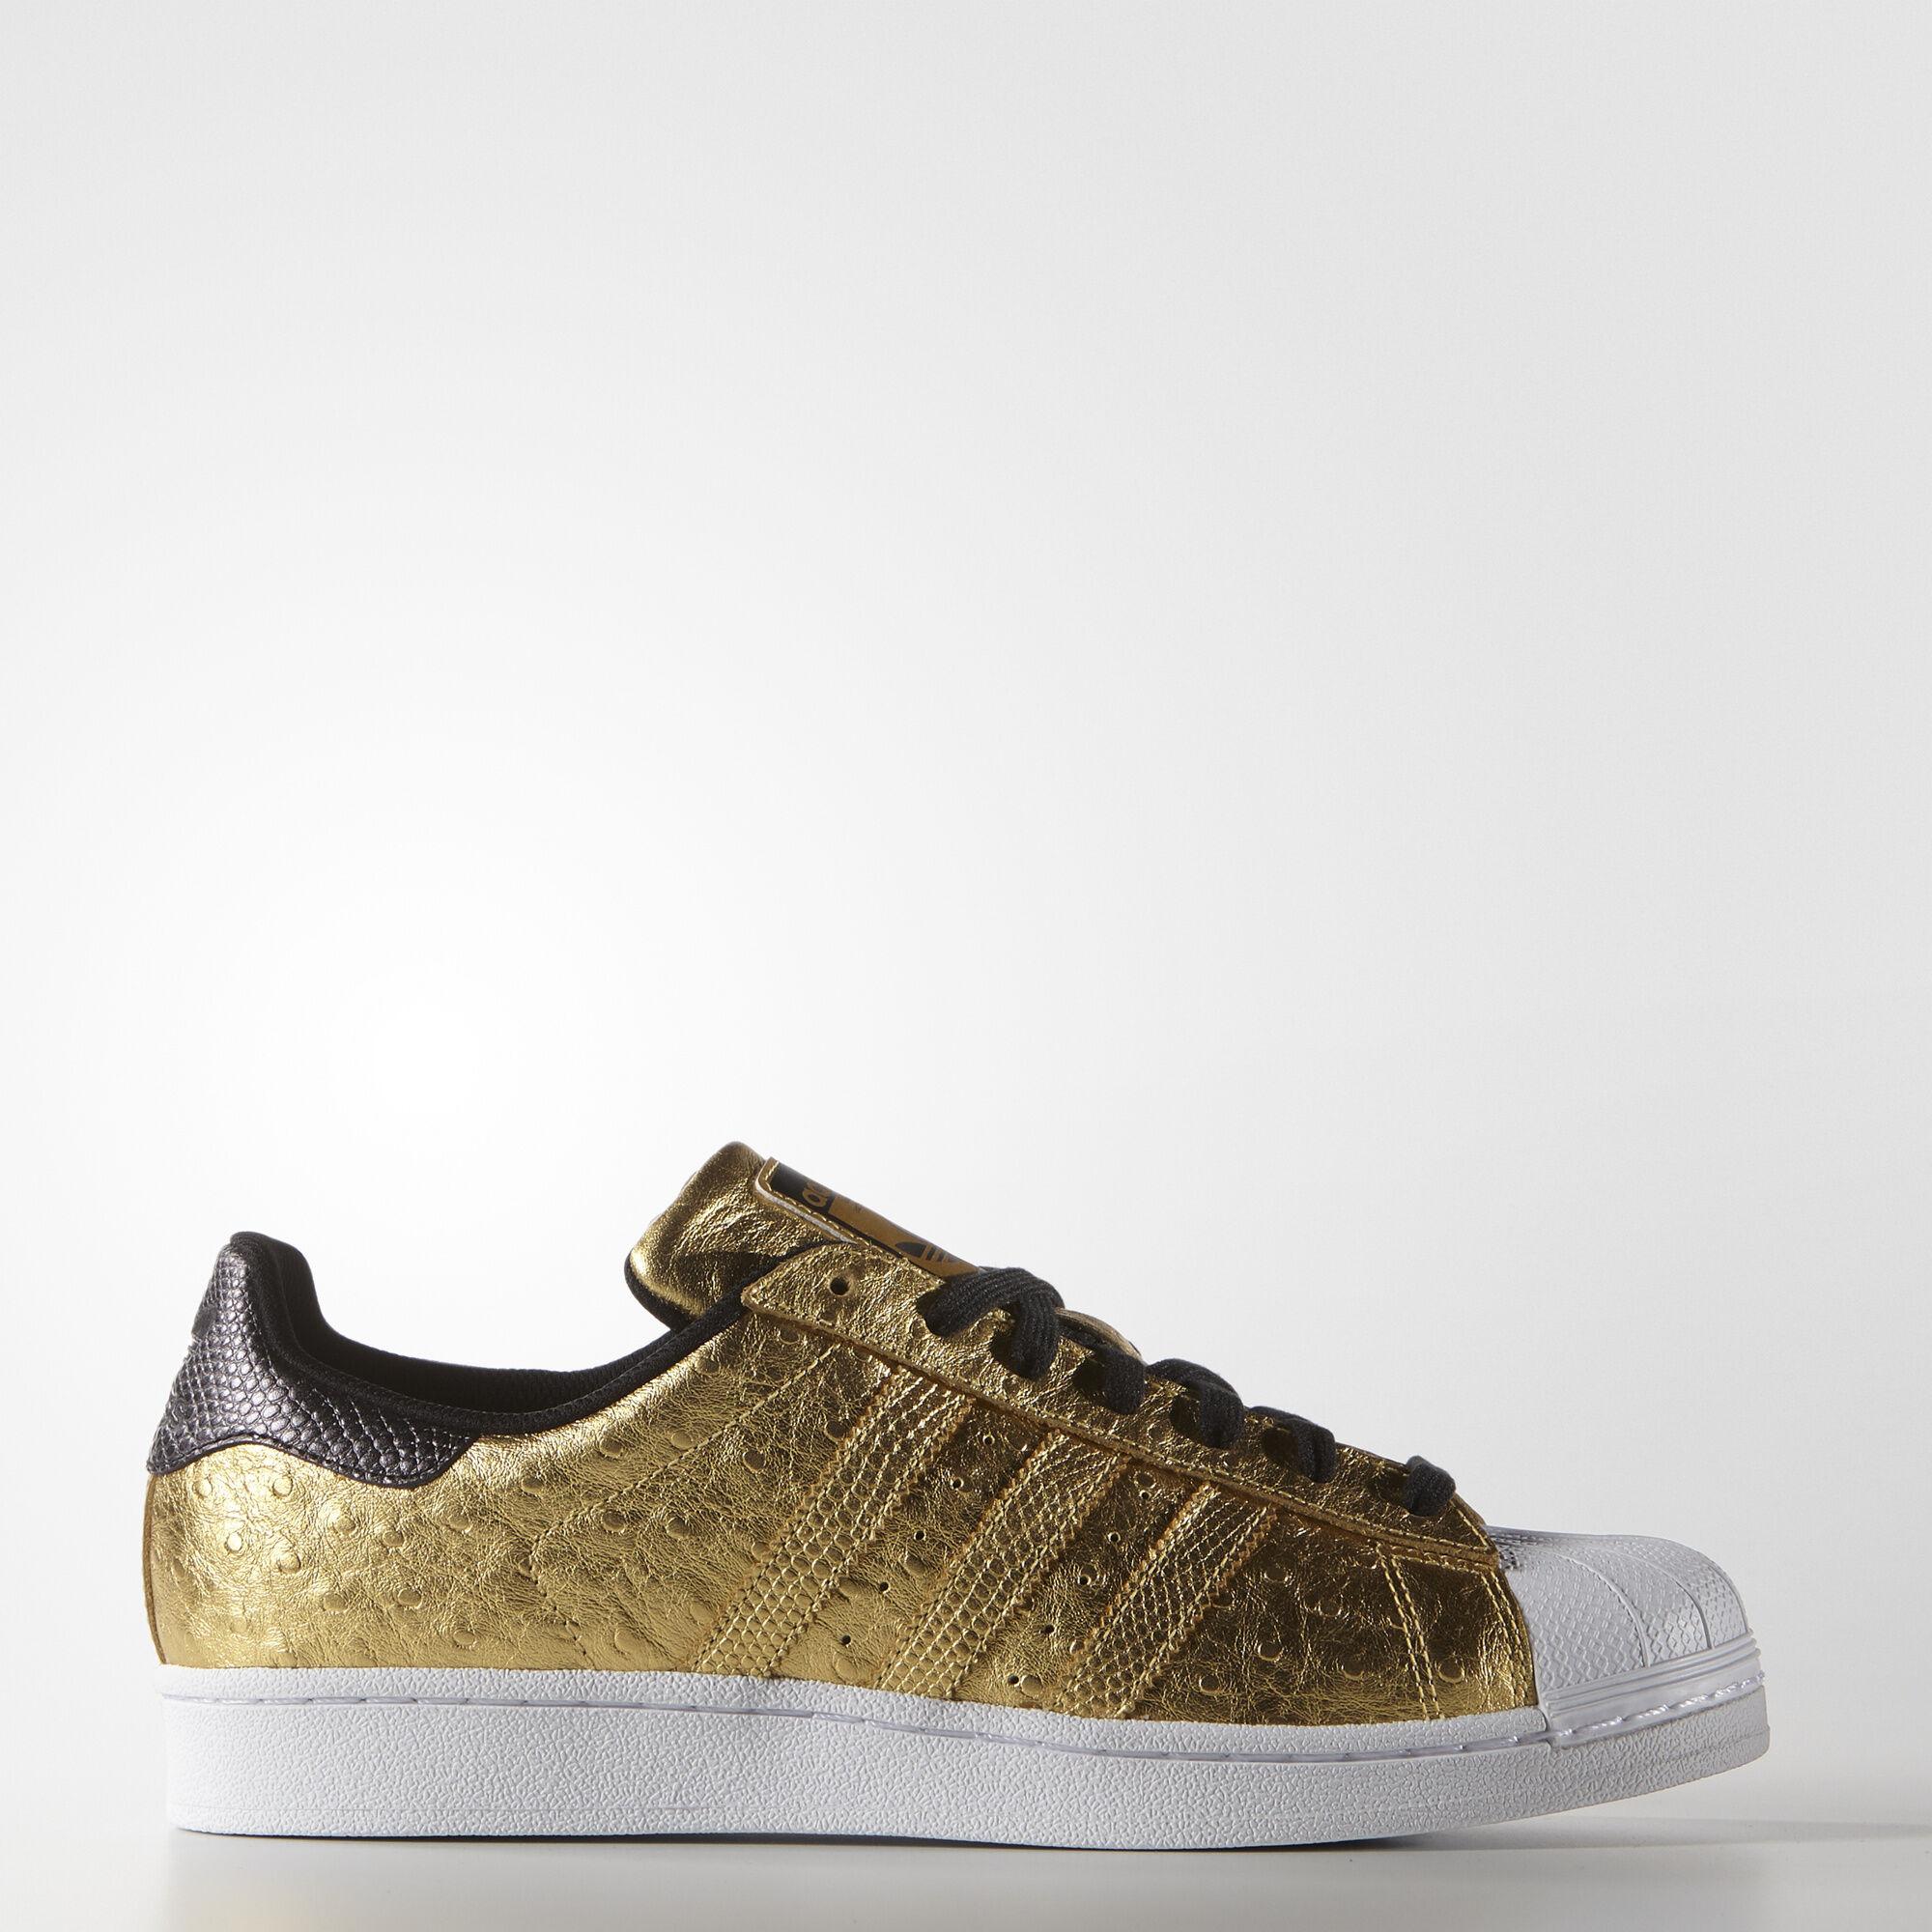 adidas neo gold prezzo